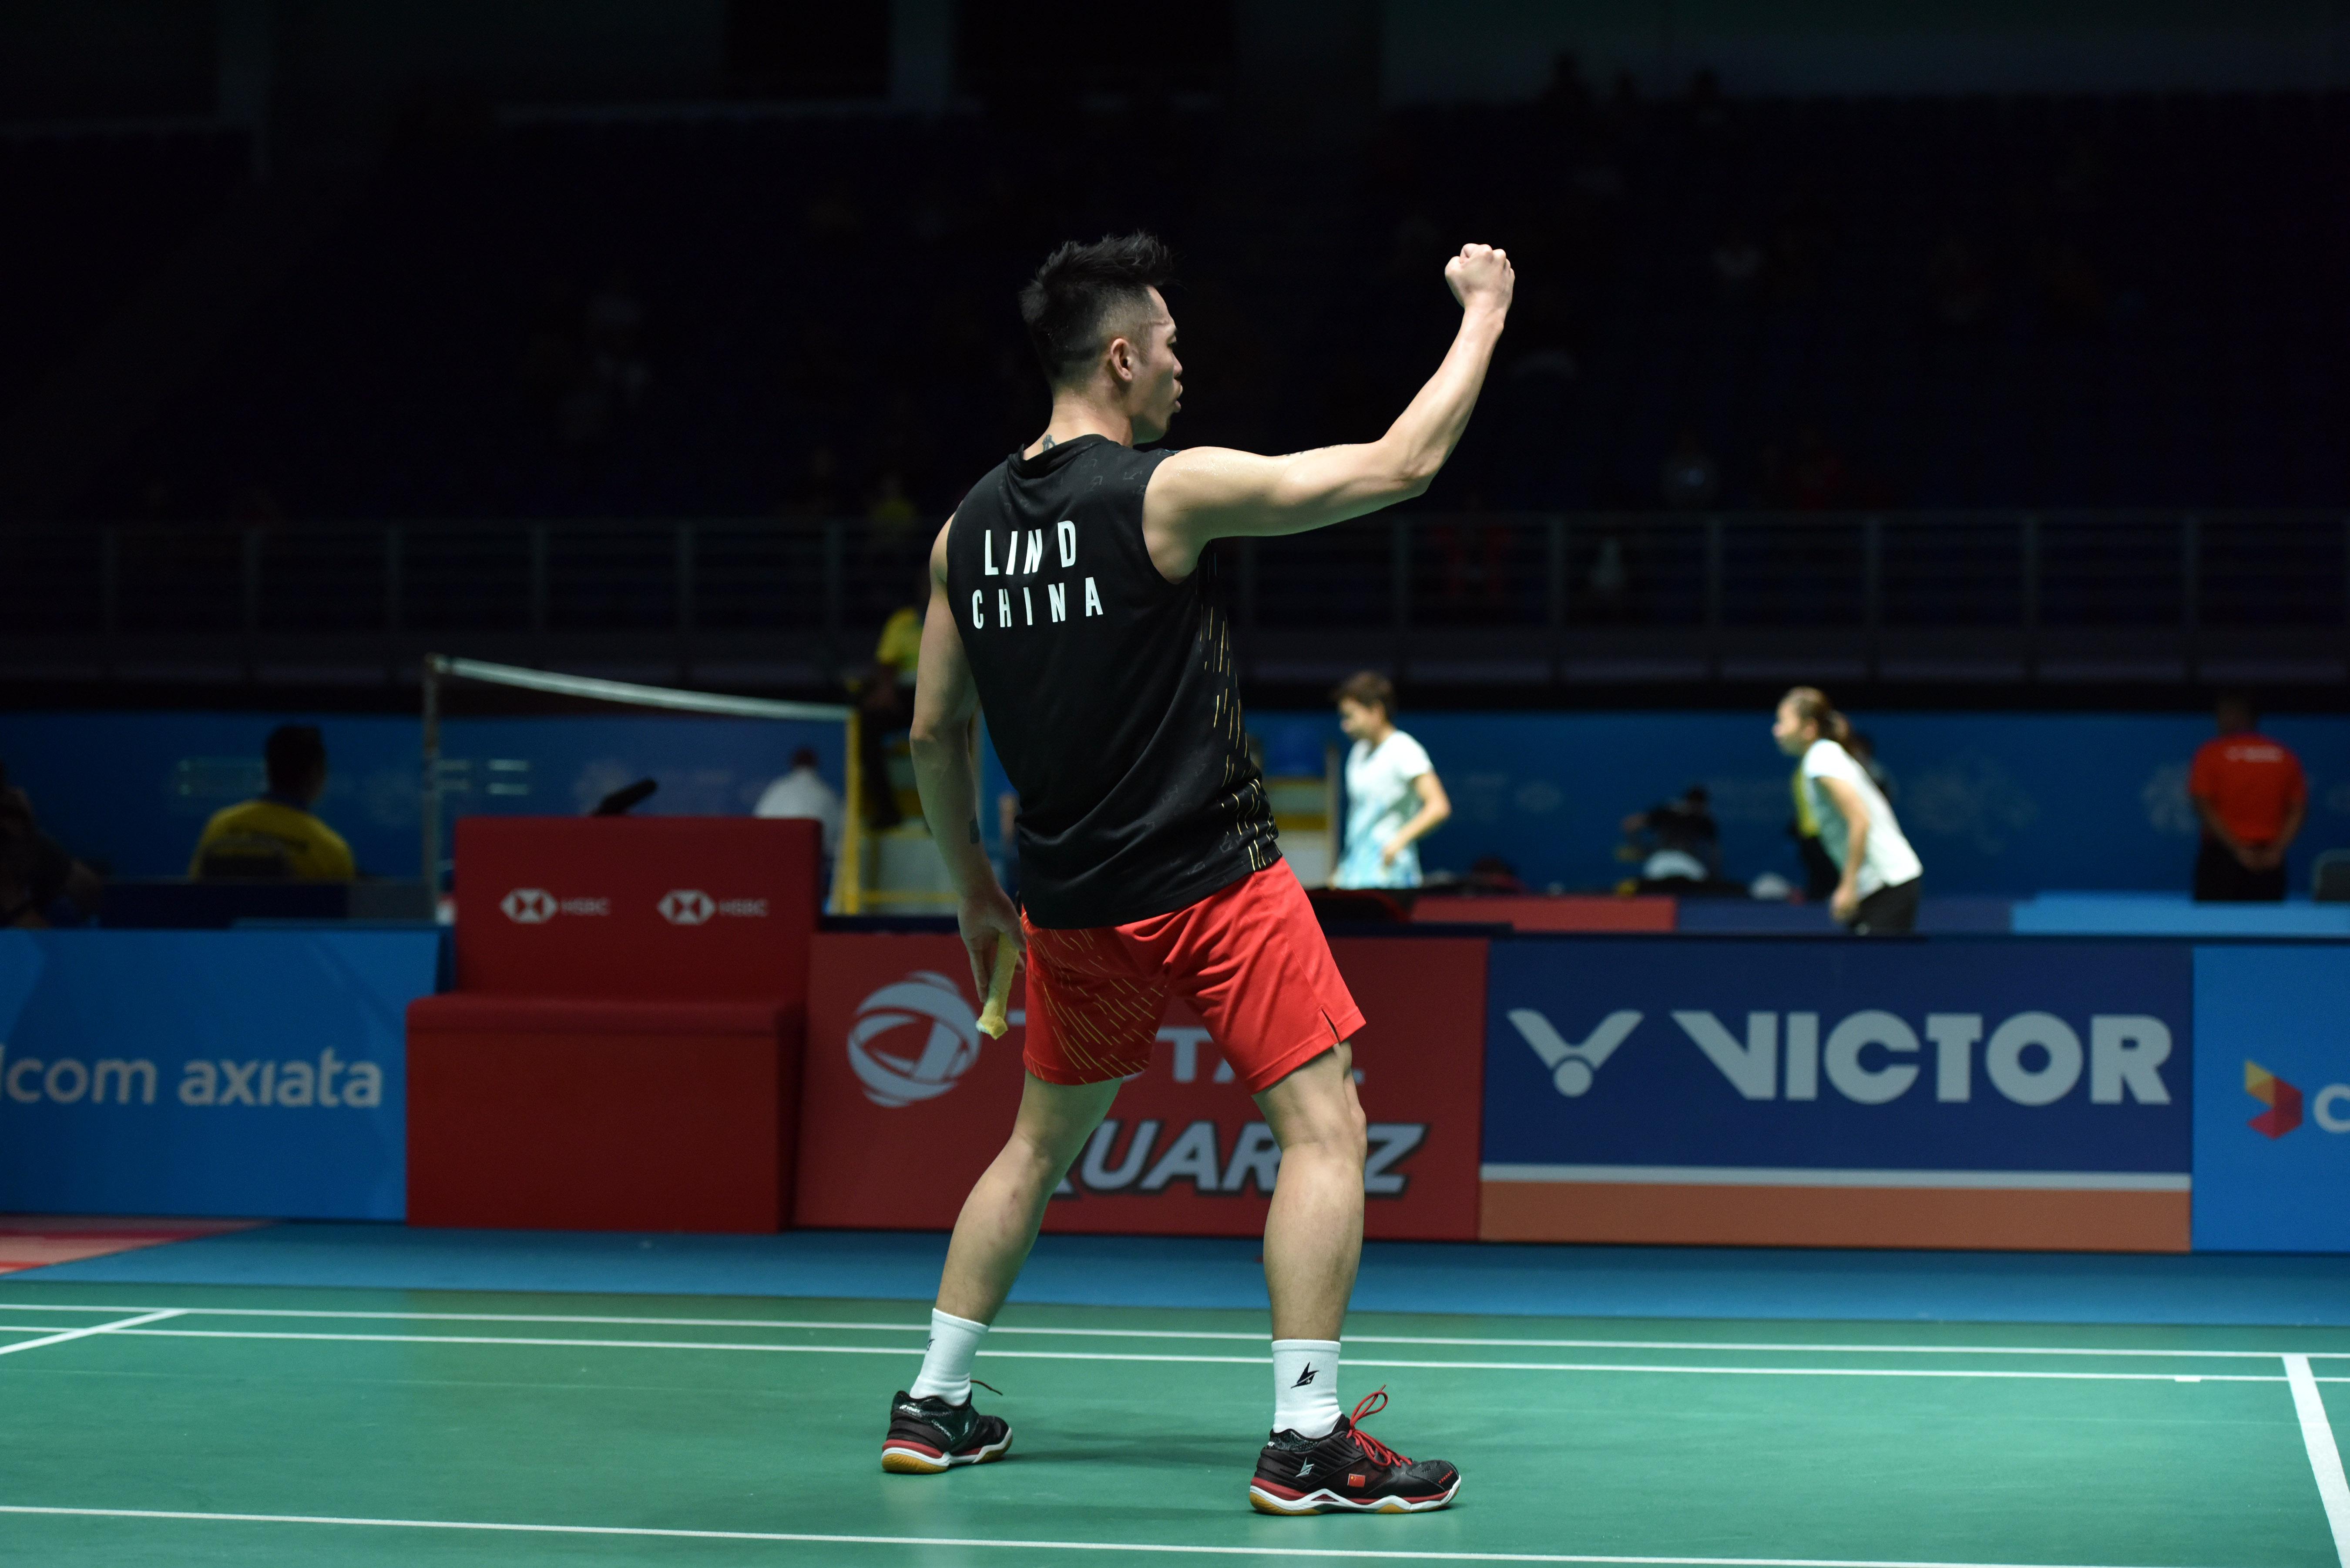 羽毛球|马来西亚羽毛球公开赛次轮赛况